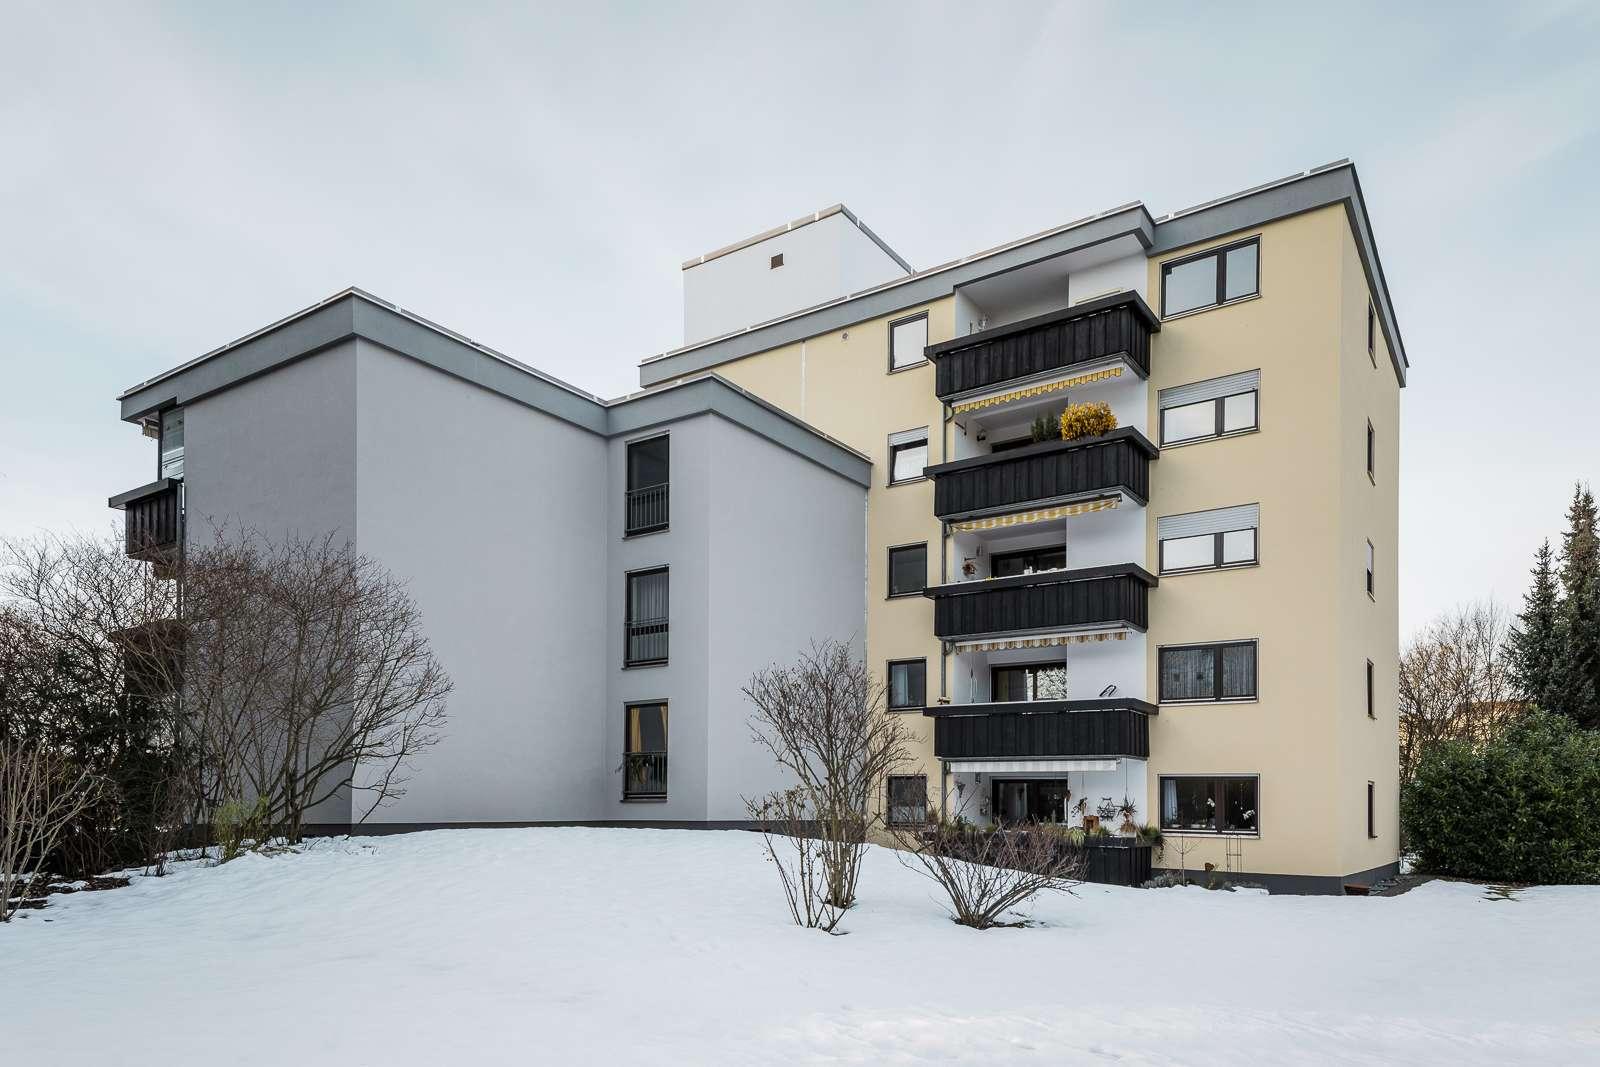 Renovierte 3,5 Zimmer DG-Wohnung in Kaufering in Kaufering